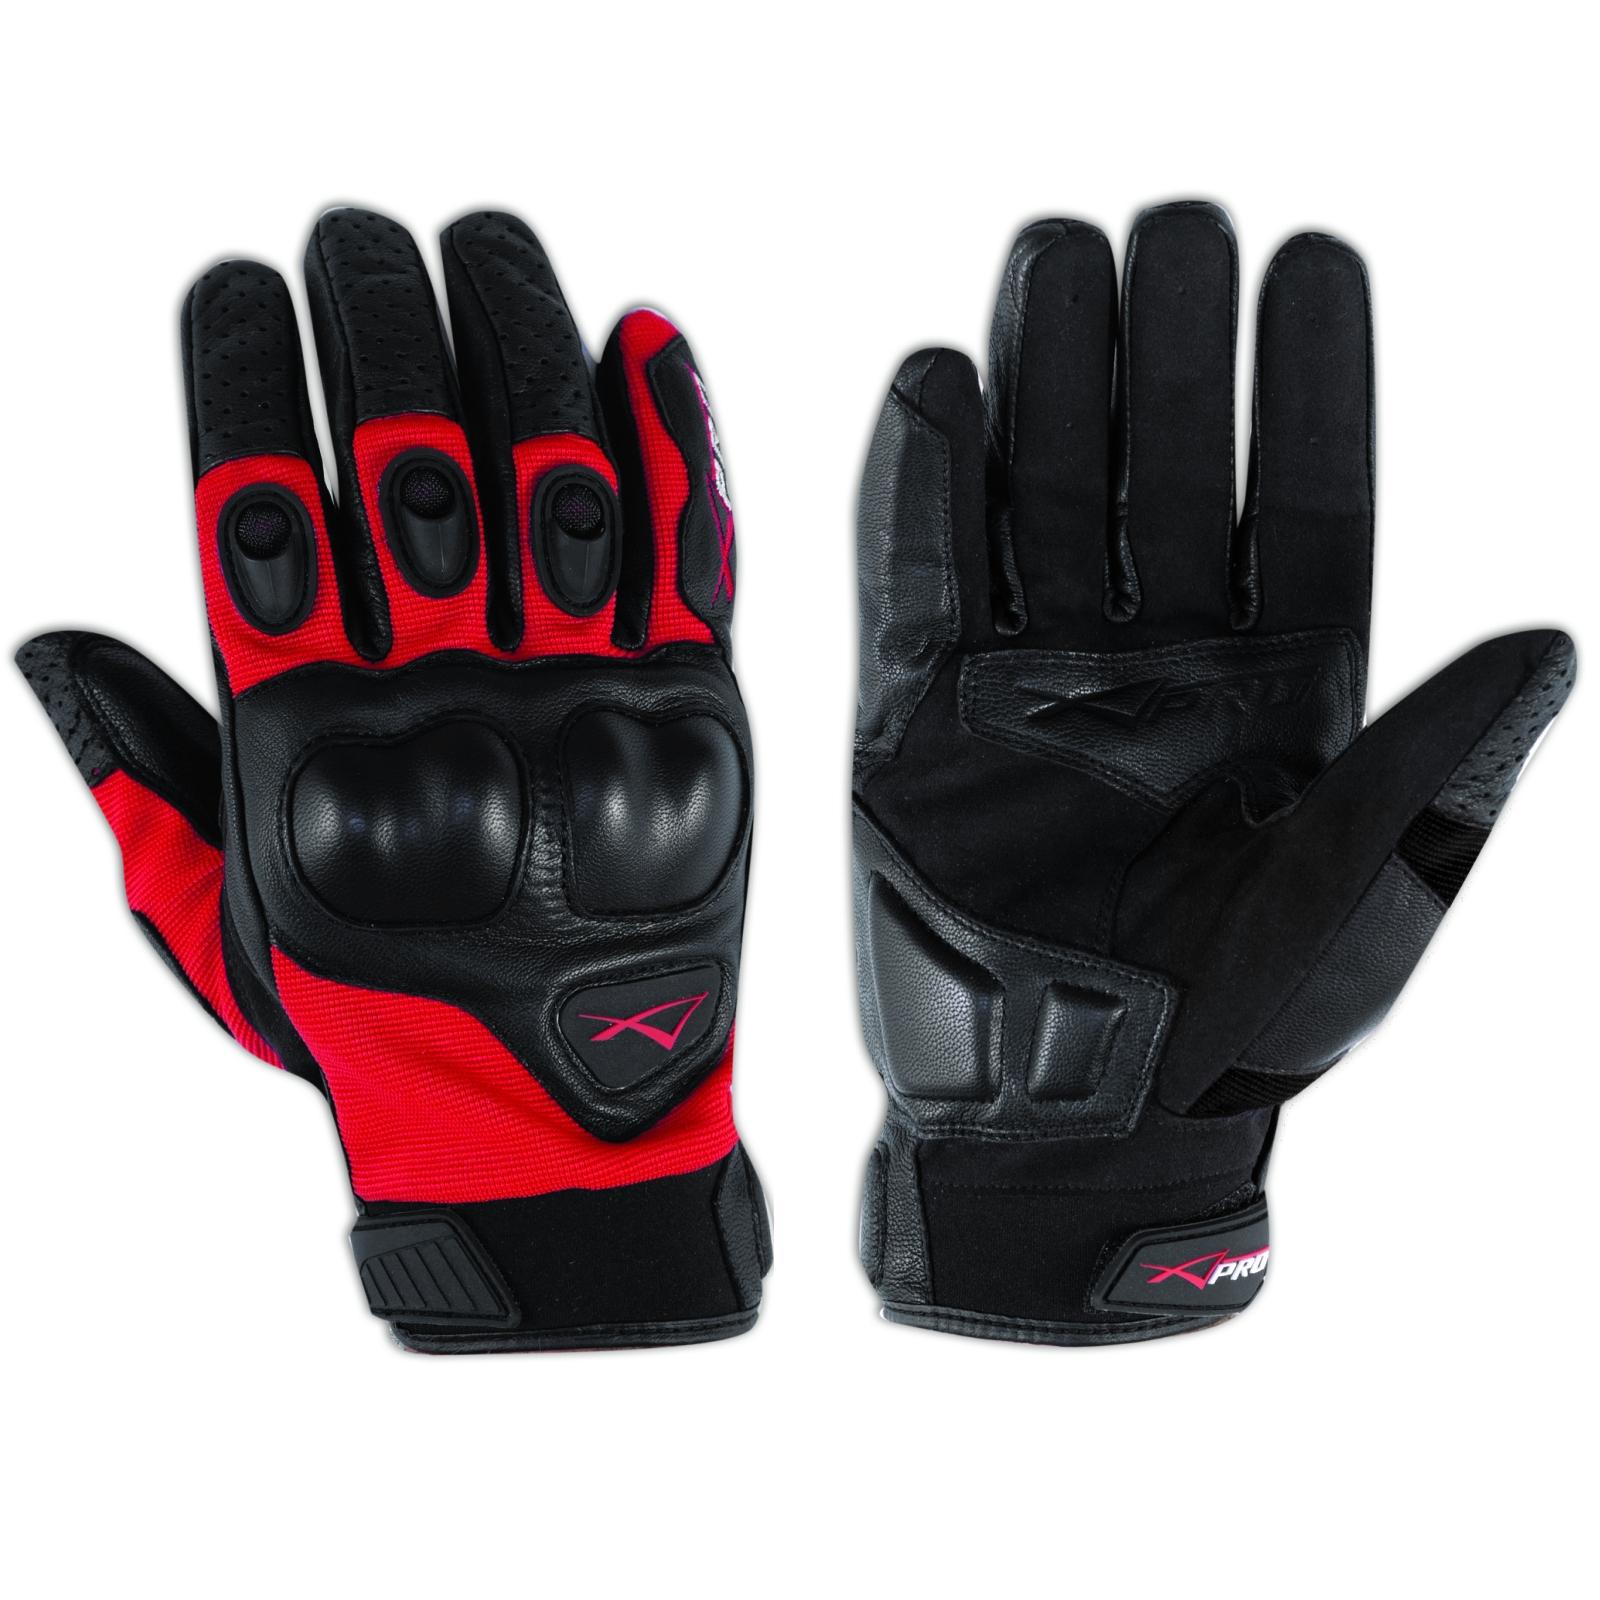 Guanto-Moto-Pelle-Tessuto-Protezione-Nocche-Corto-Estivo-Offroad-Cross-Rosso